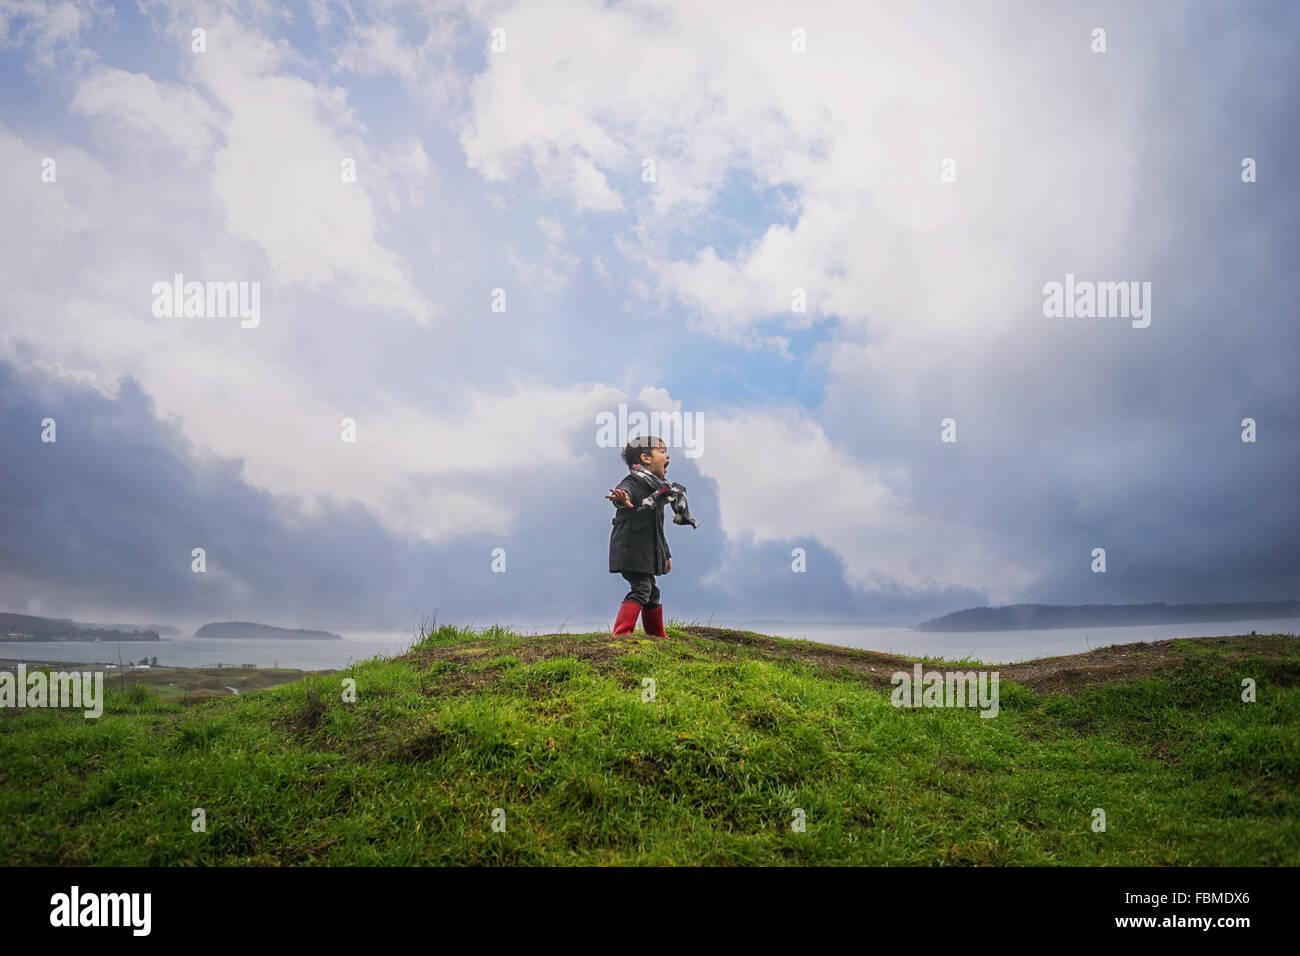 Niño de pie sobre una colina gritando Foto de stock